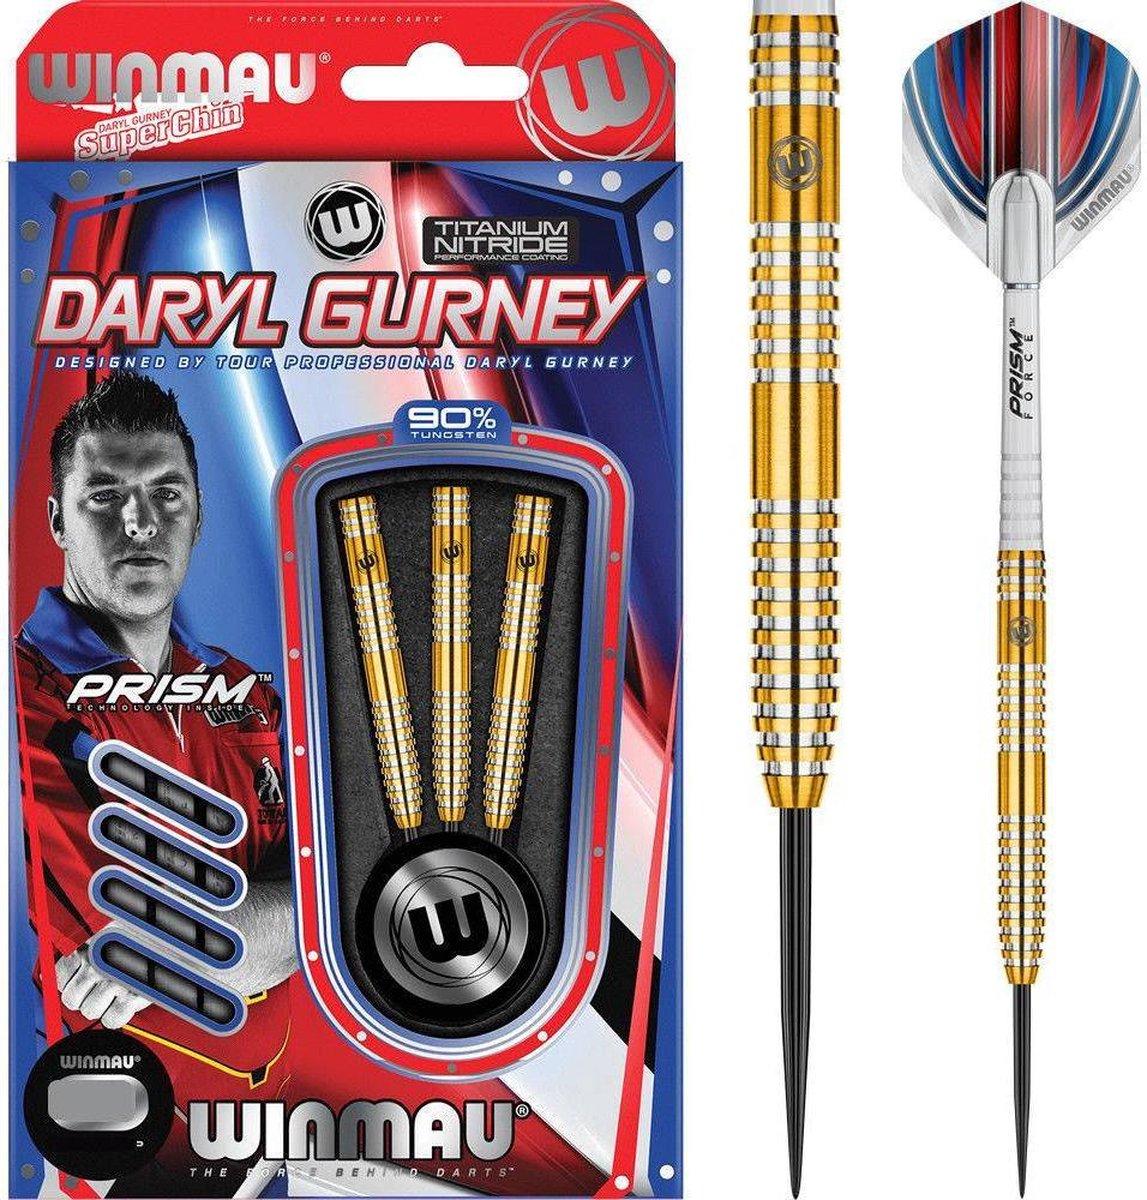 Winmau Daryl Gurney 90% - 23 Gram